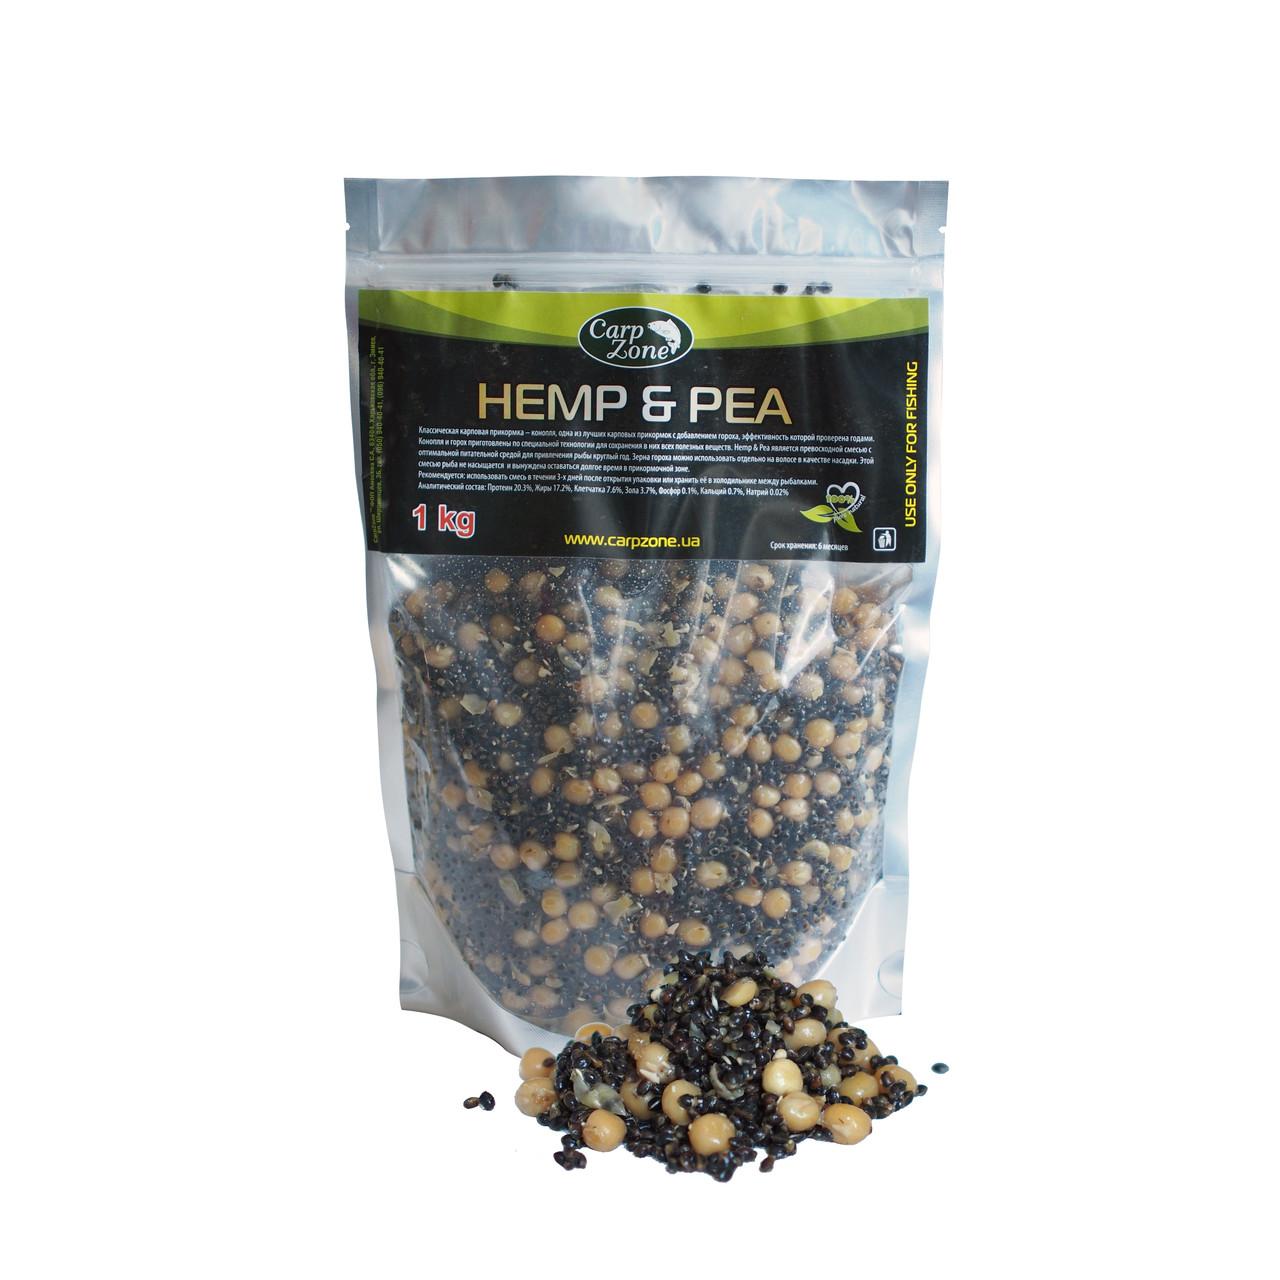 Готовая конопля и горох Hemp & Pea 1kg